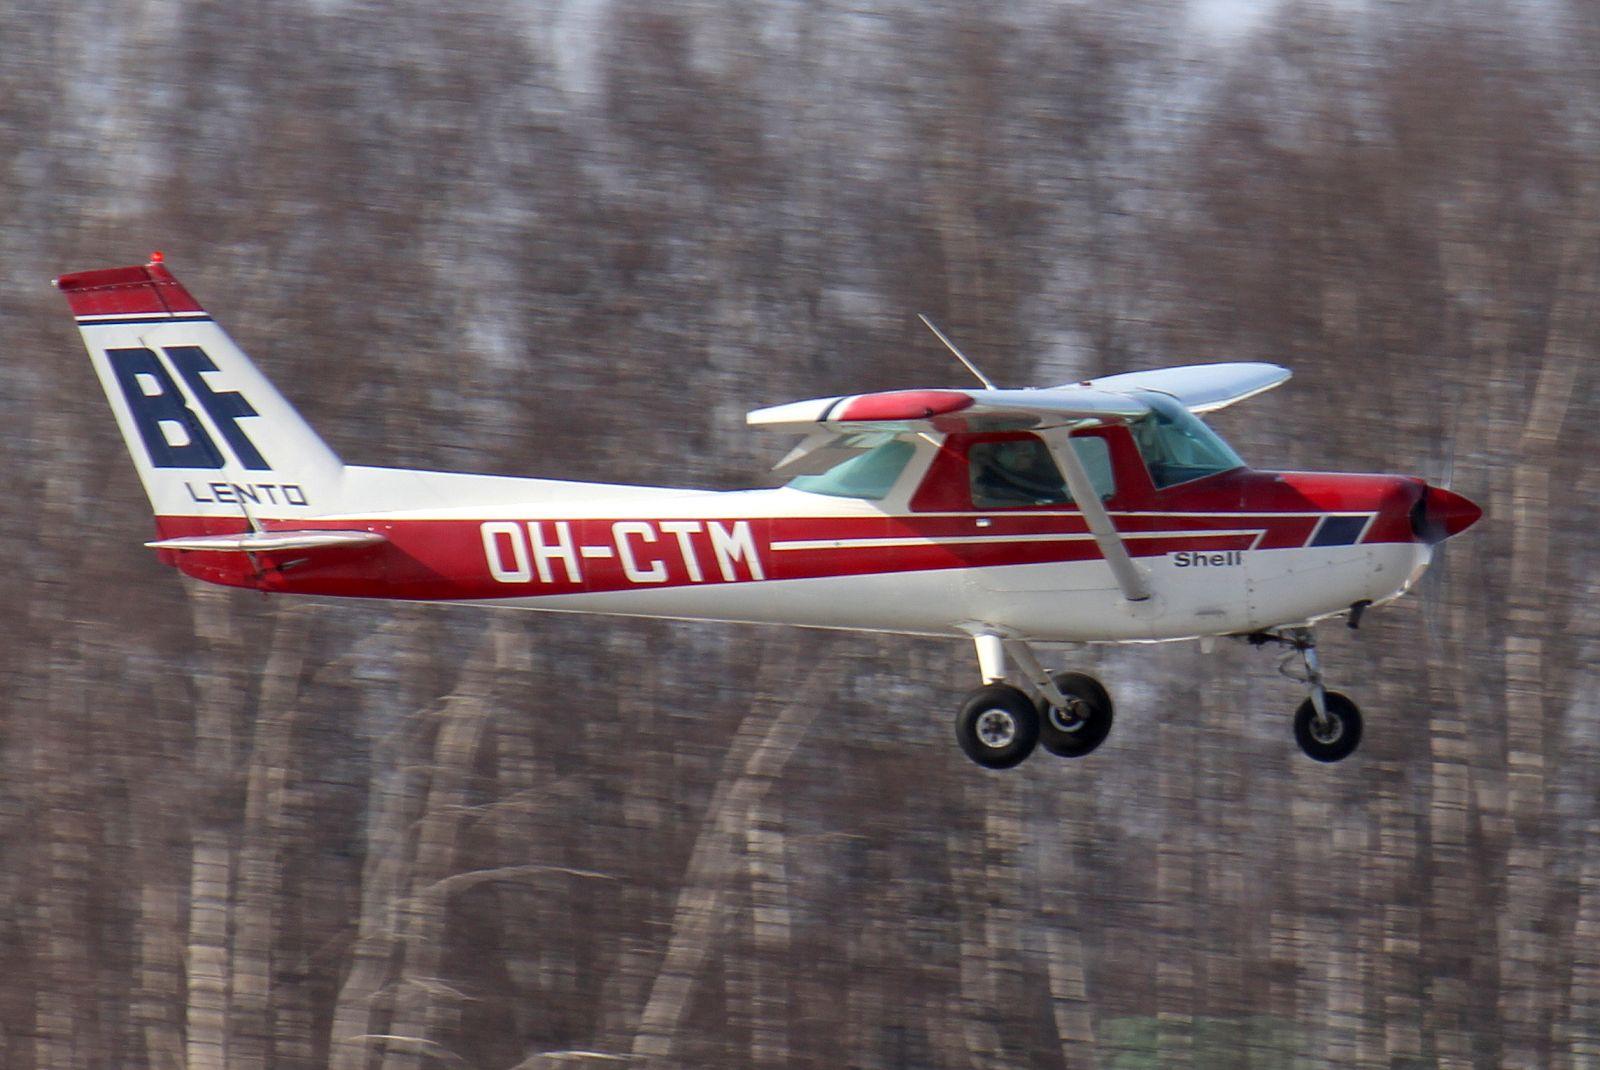 BF-Lento Cessna 152 OH-CTM